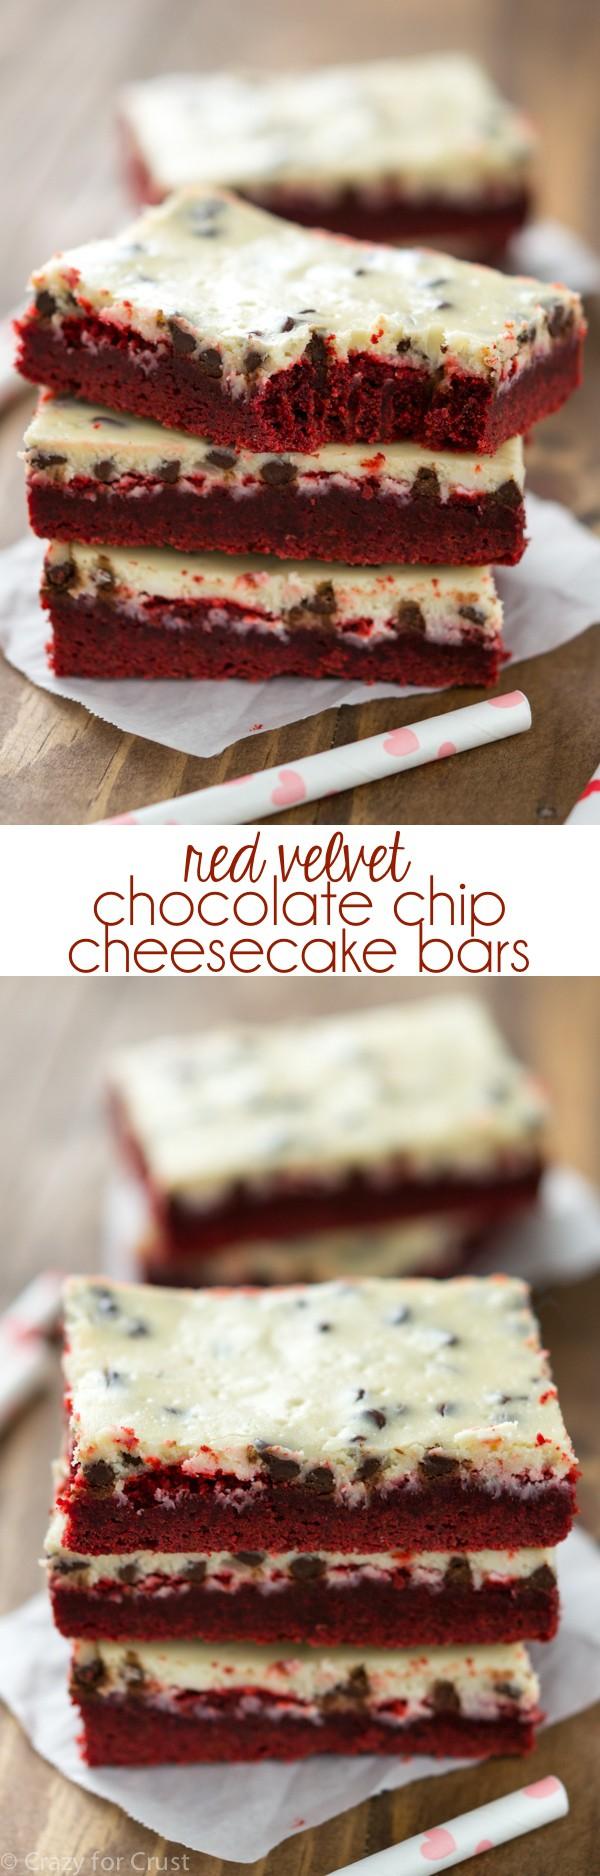 Red Velvet Chocolate Chip Cheesecake Bars